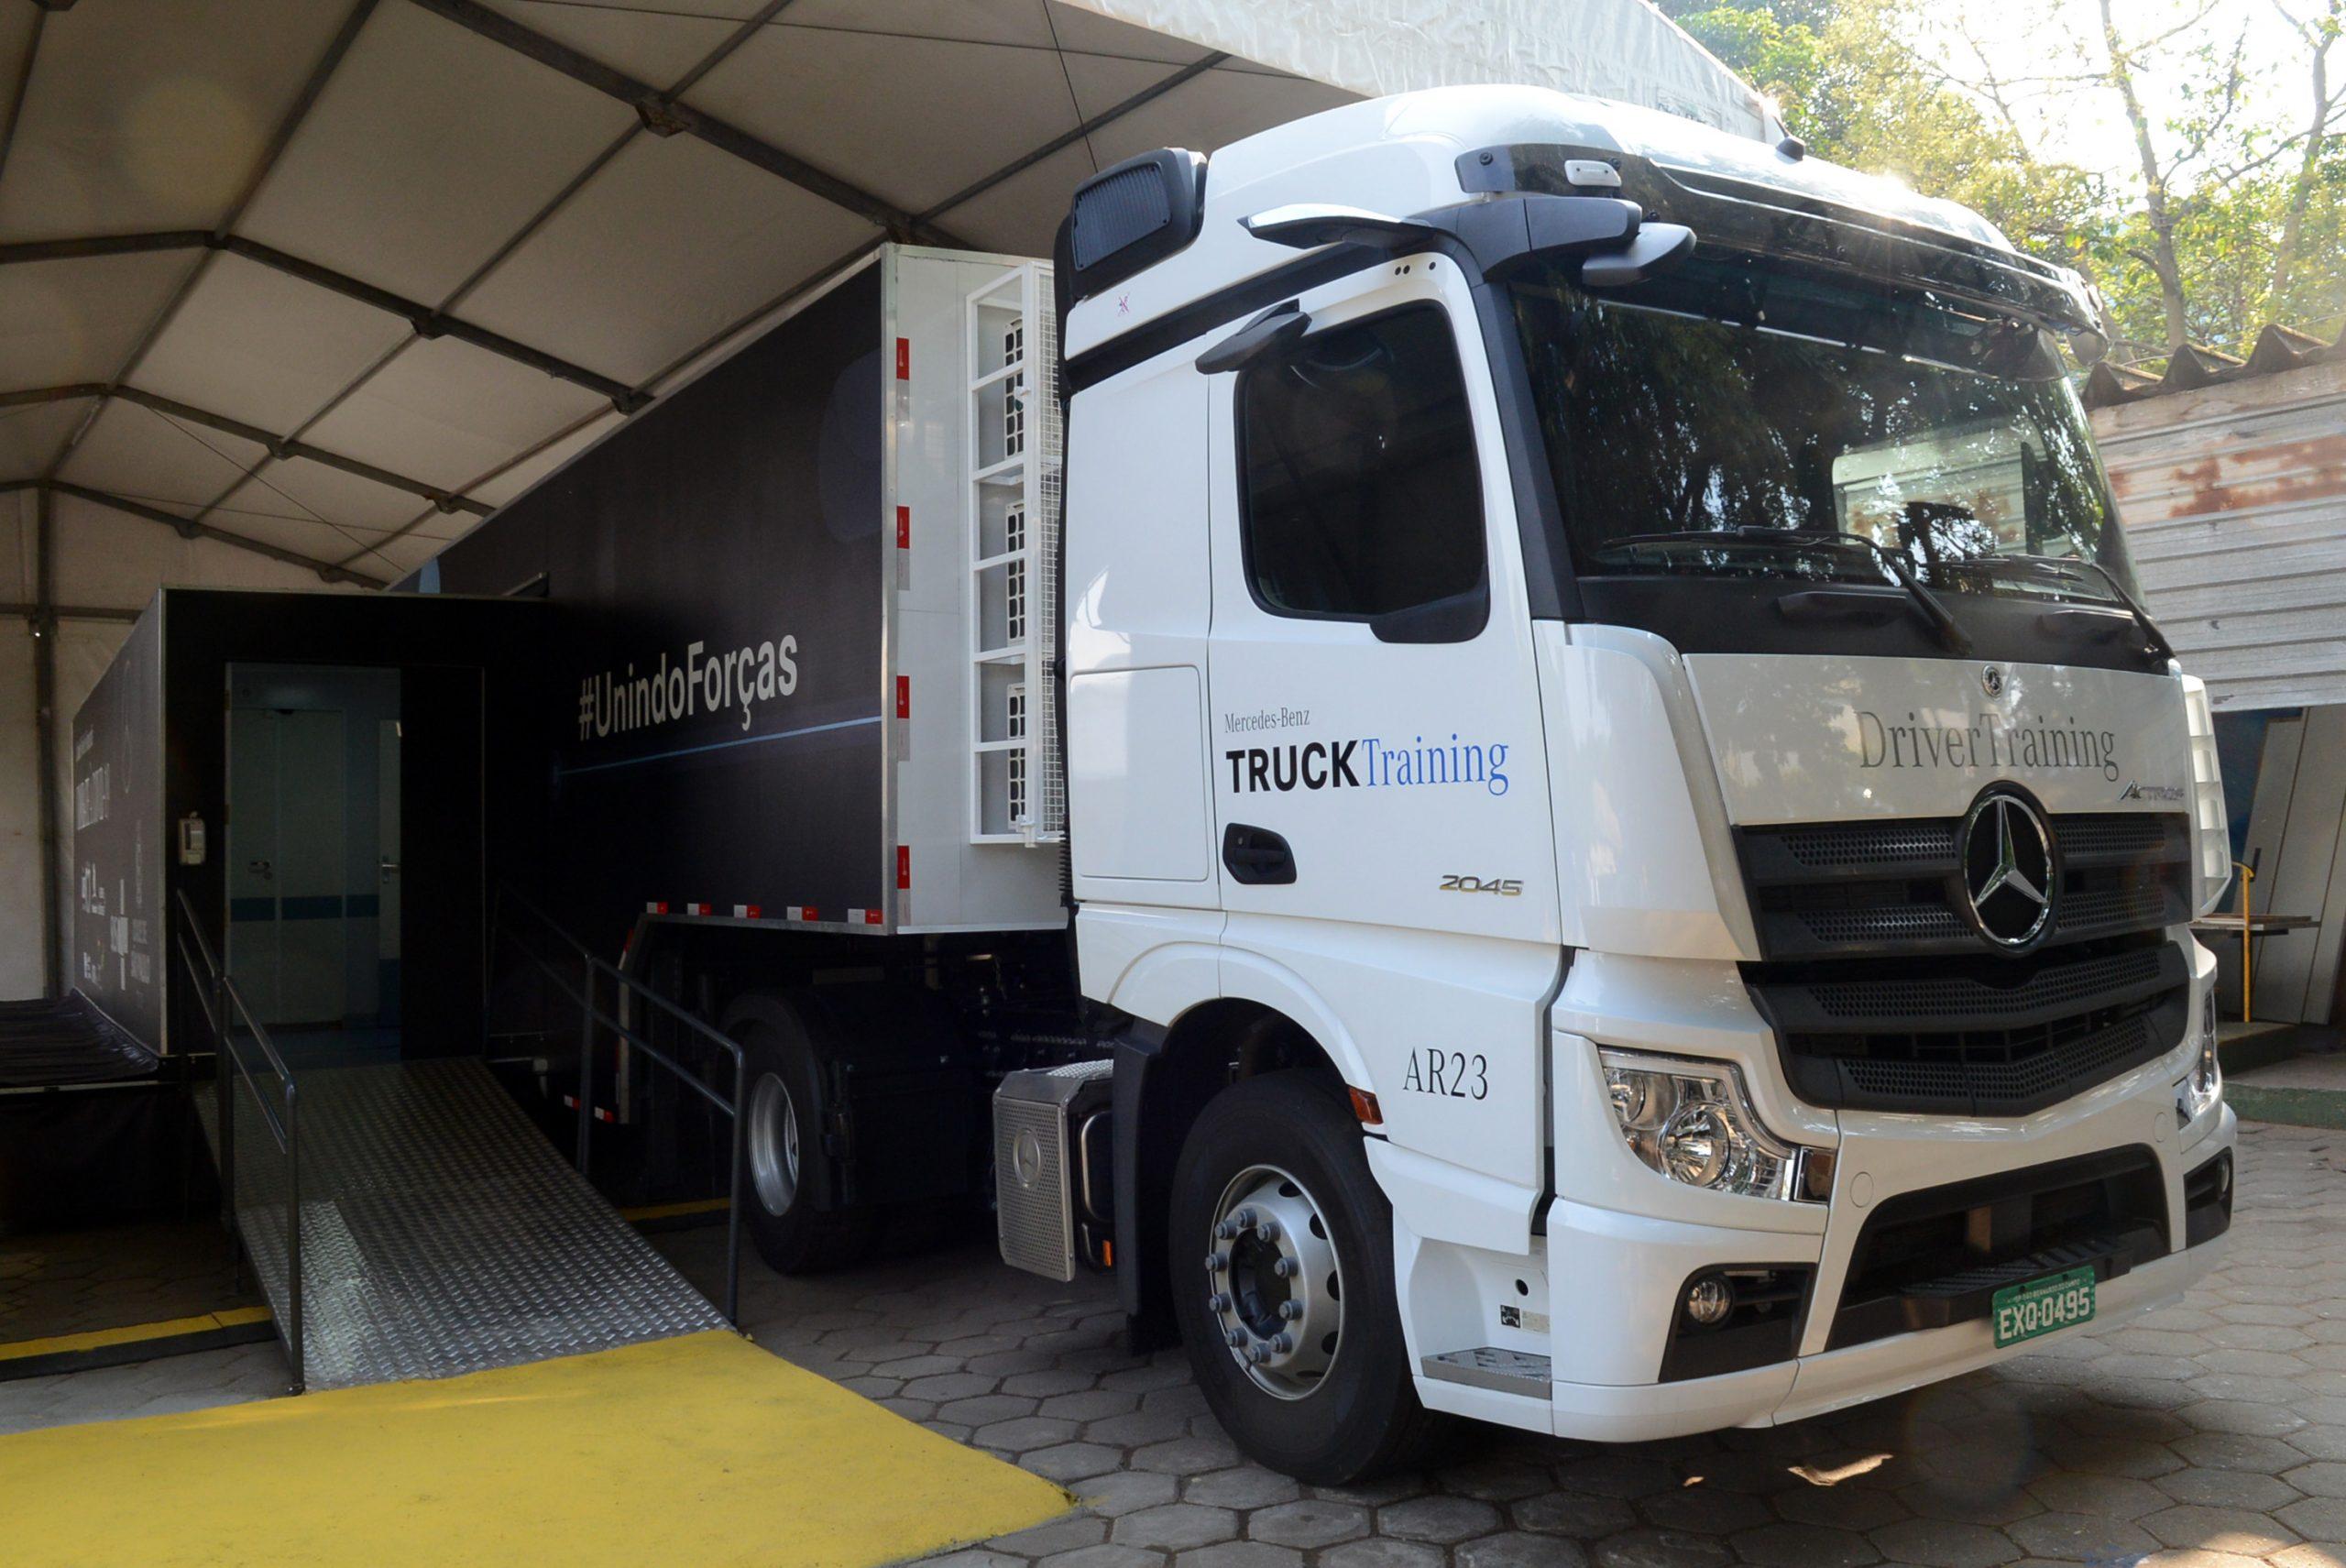 Mercedes-Benz do Brasil e governo alemão ampliam projeto de saúde com investimento de 5,5 milhões de euros